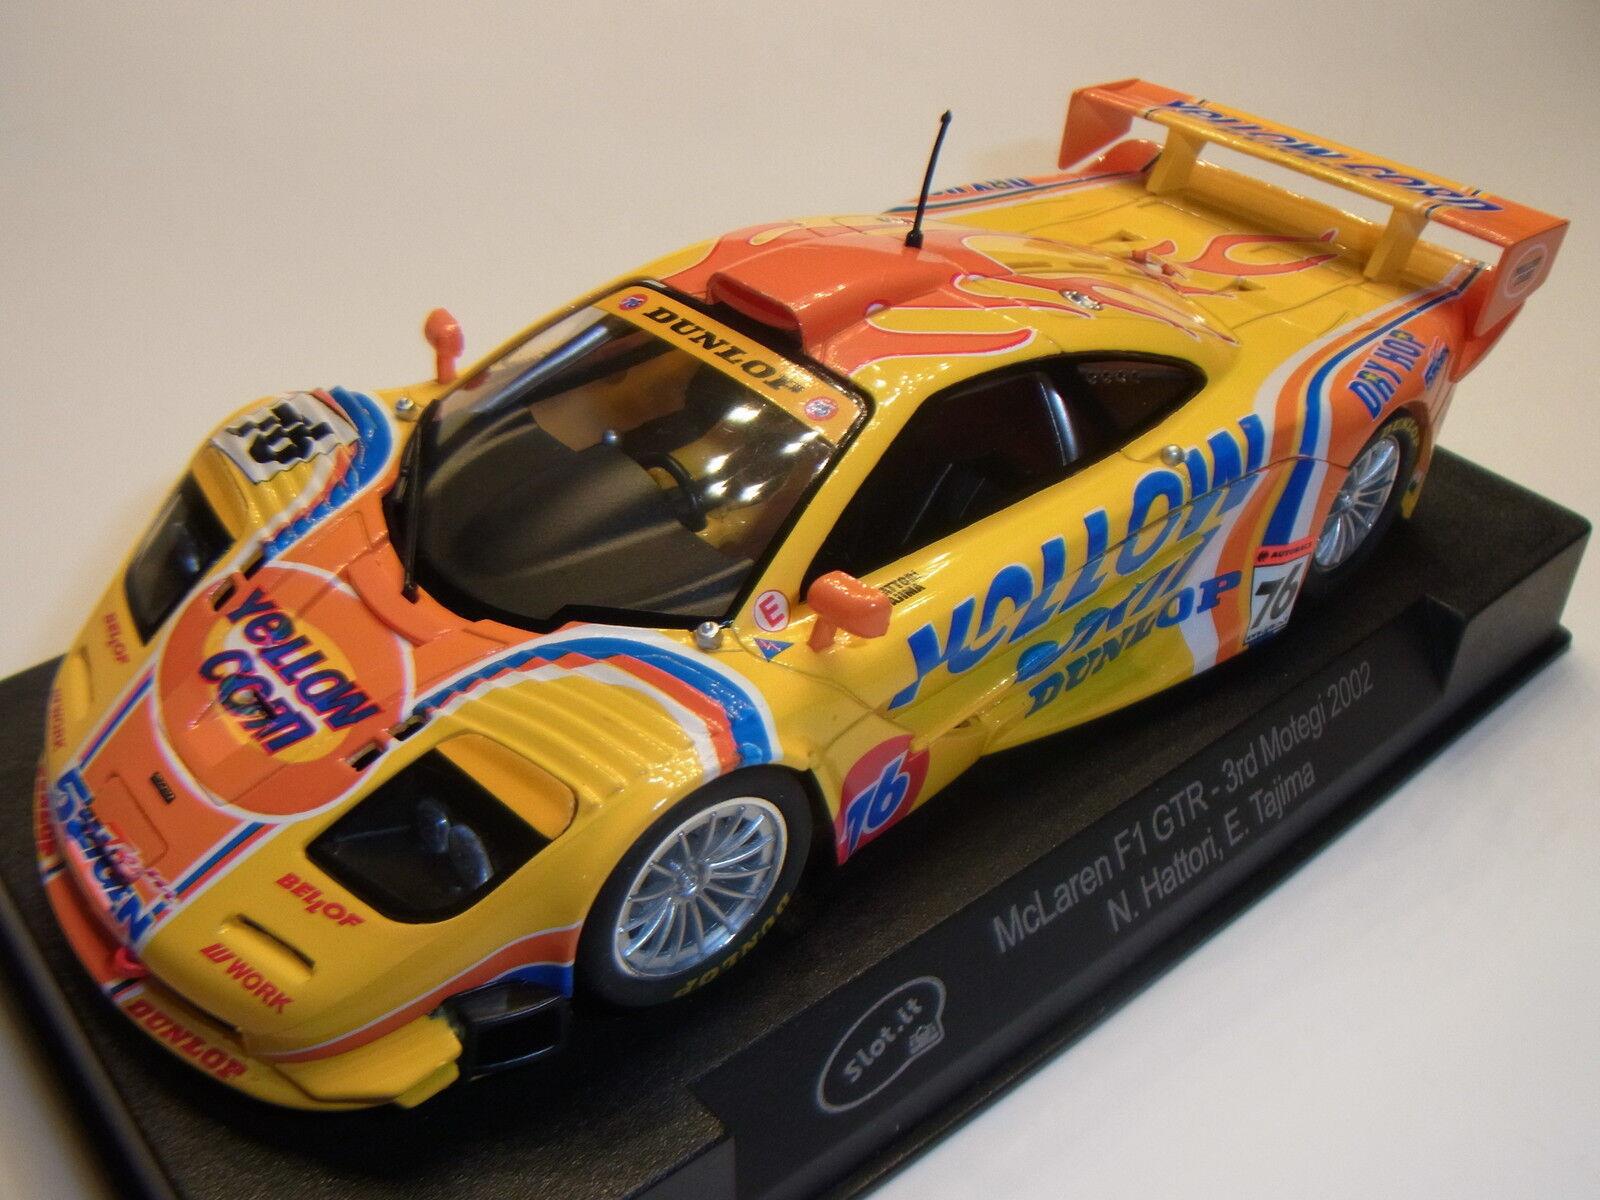 Slot  Mclaren GTR Long Tail Montegi Racing 2002 Sica10g 1 3 2 Slotcar